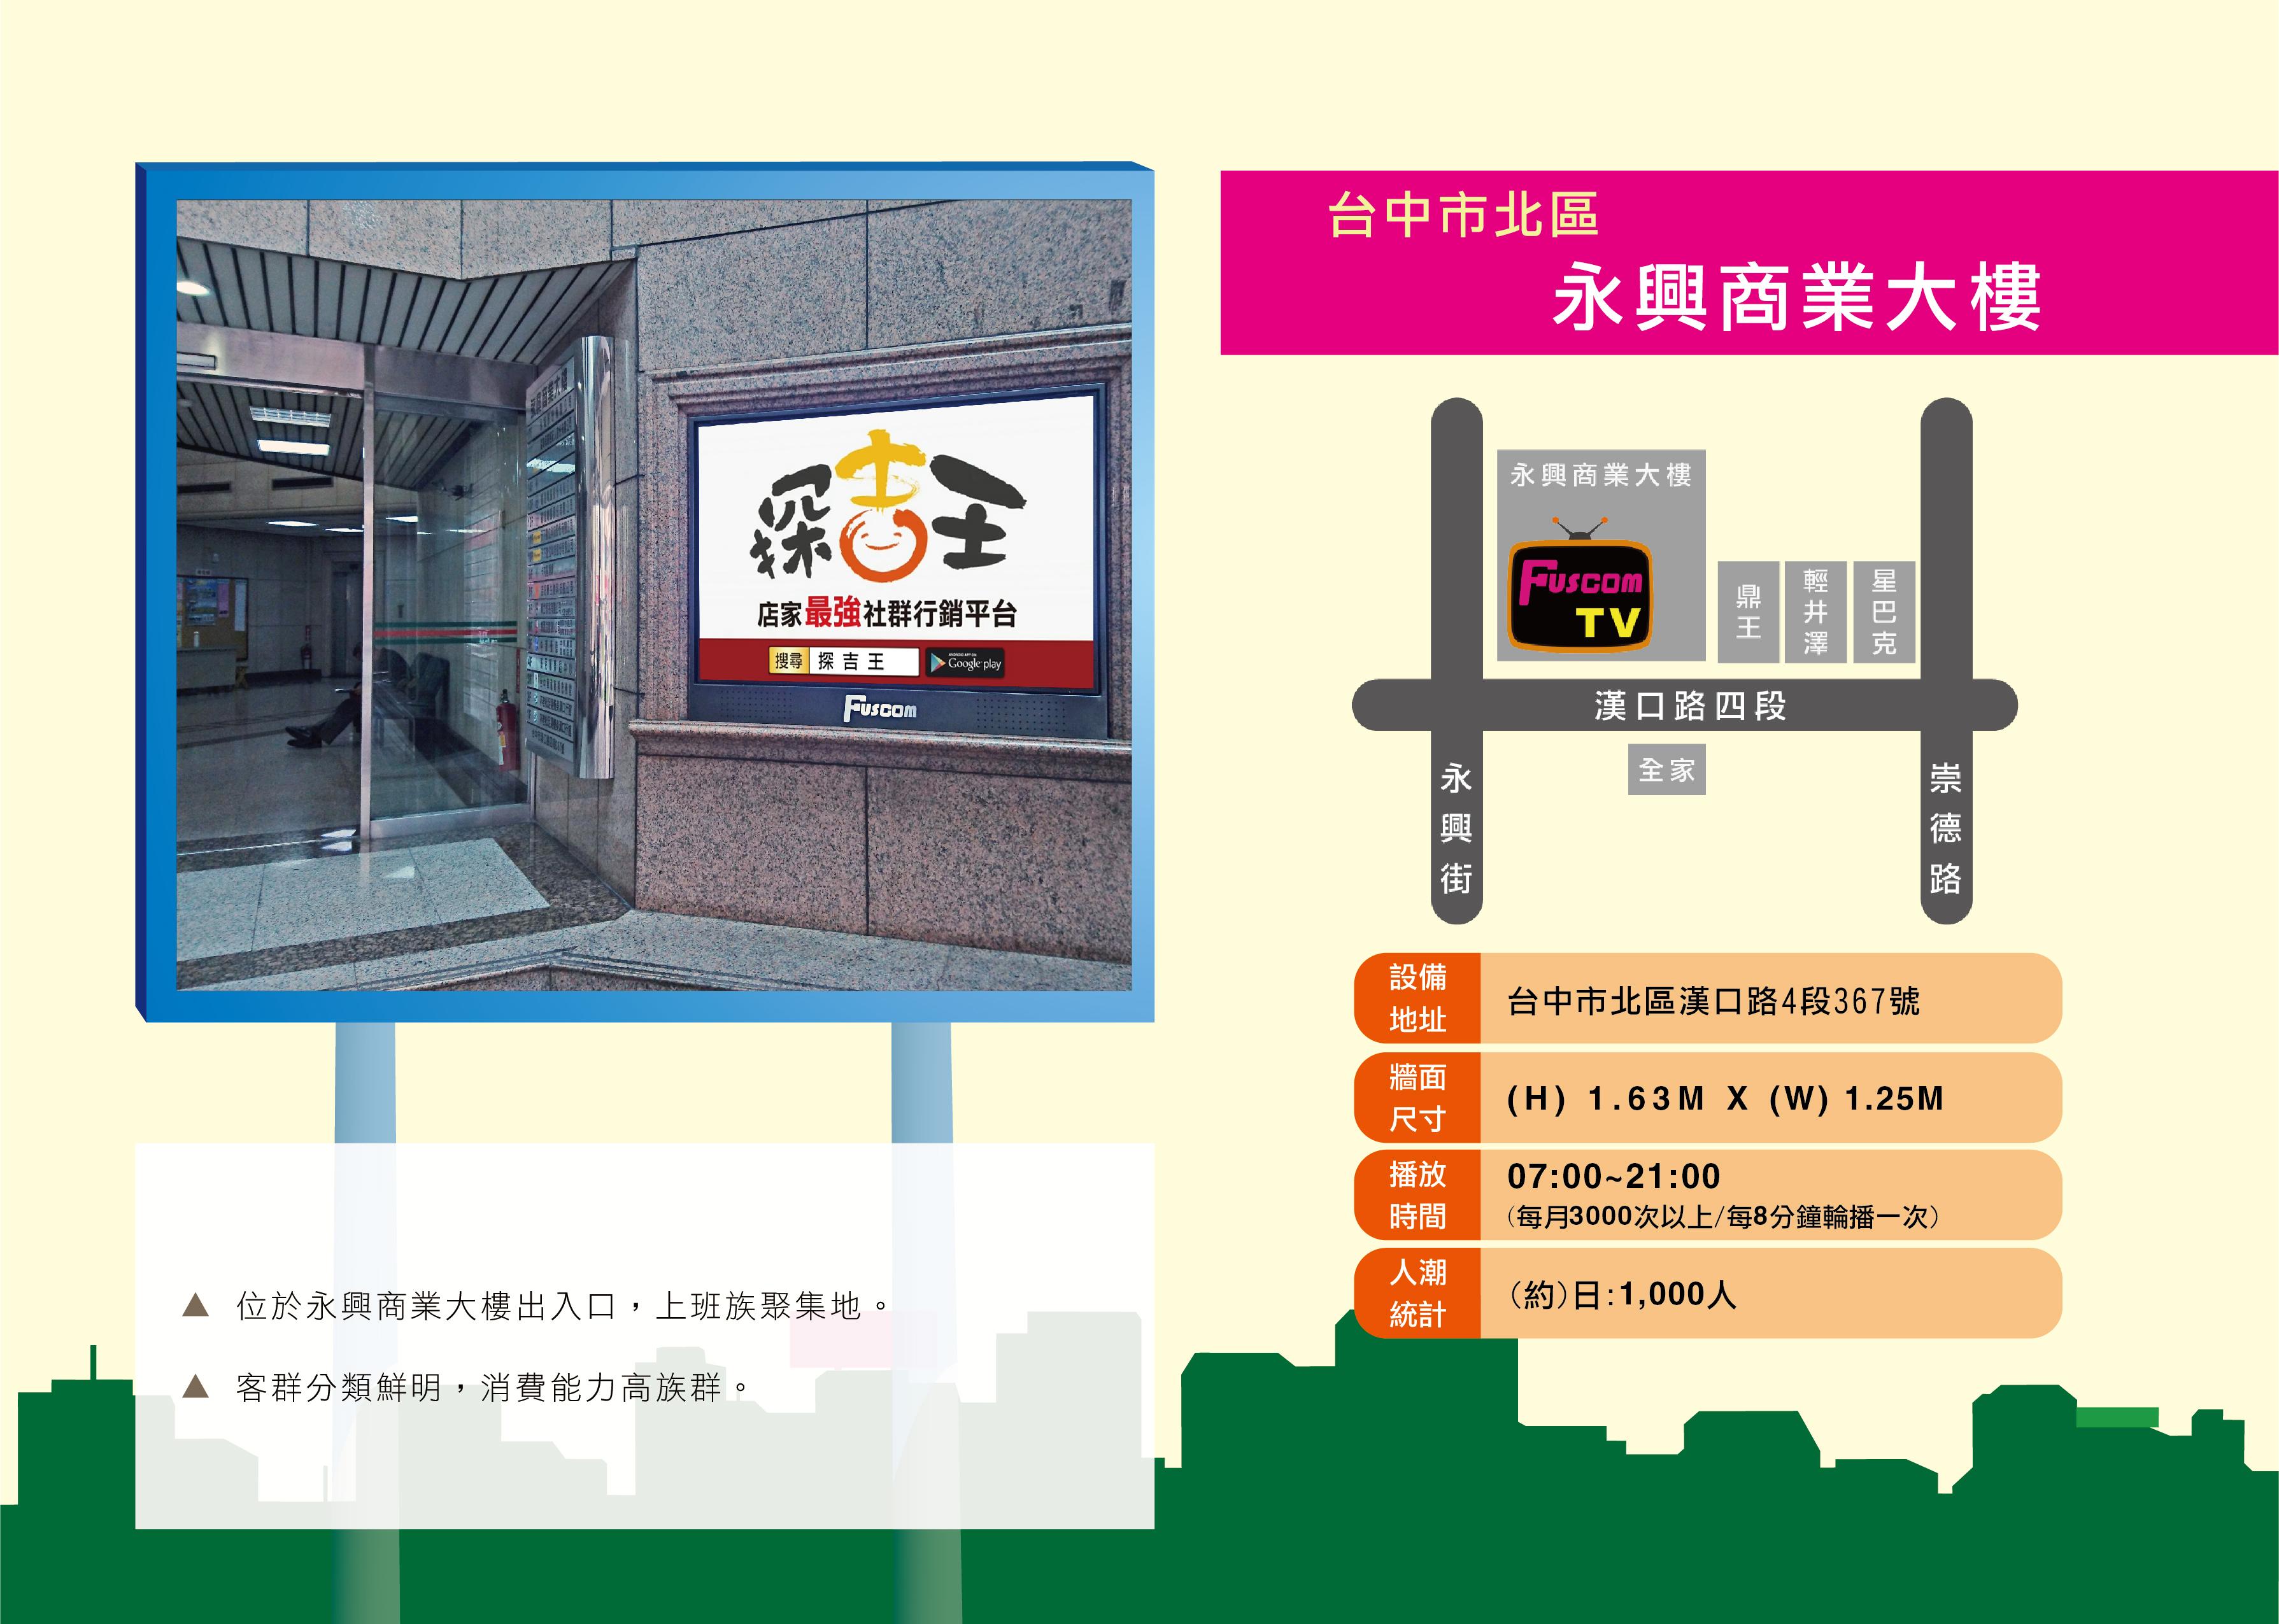 台中市北區永興商業大樓